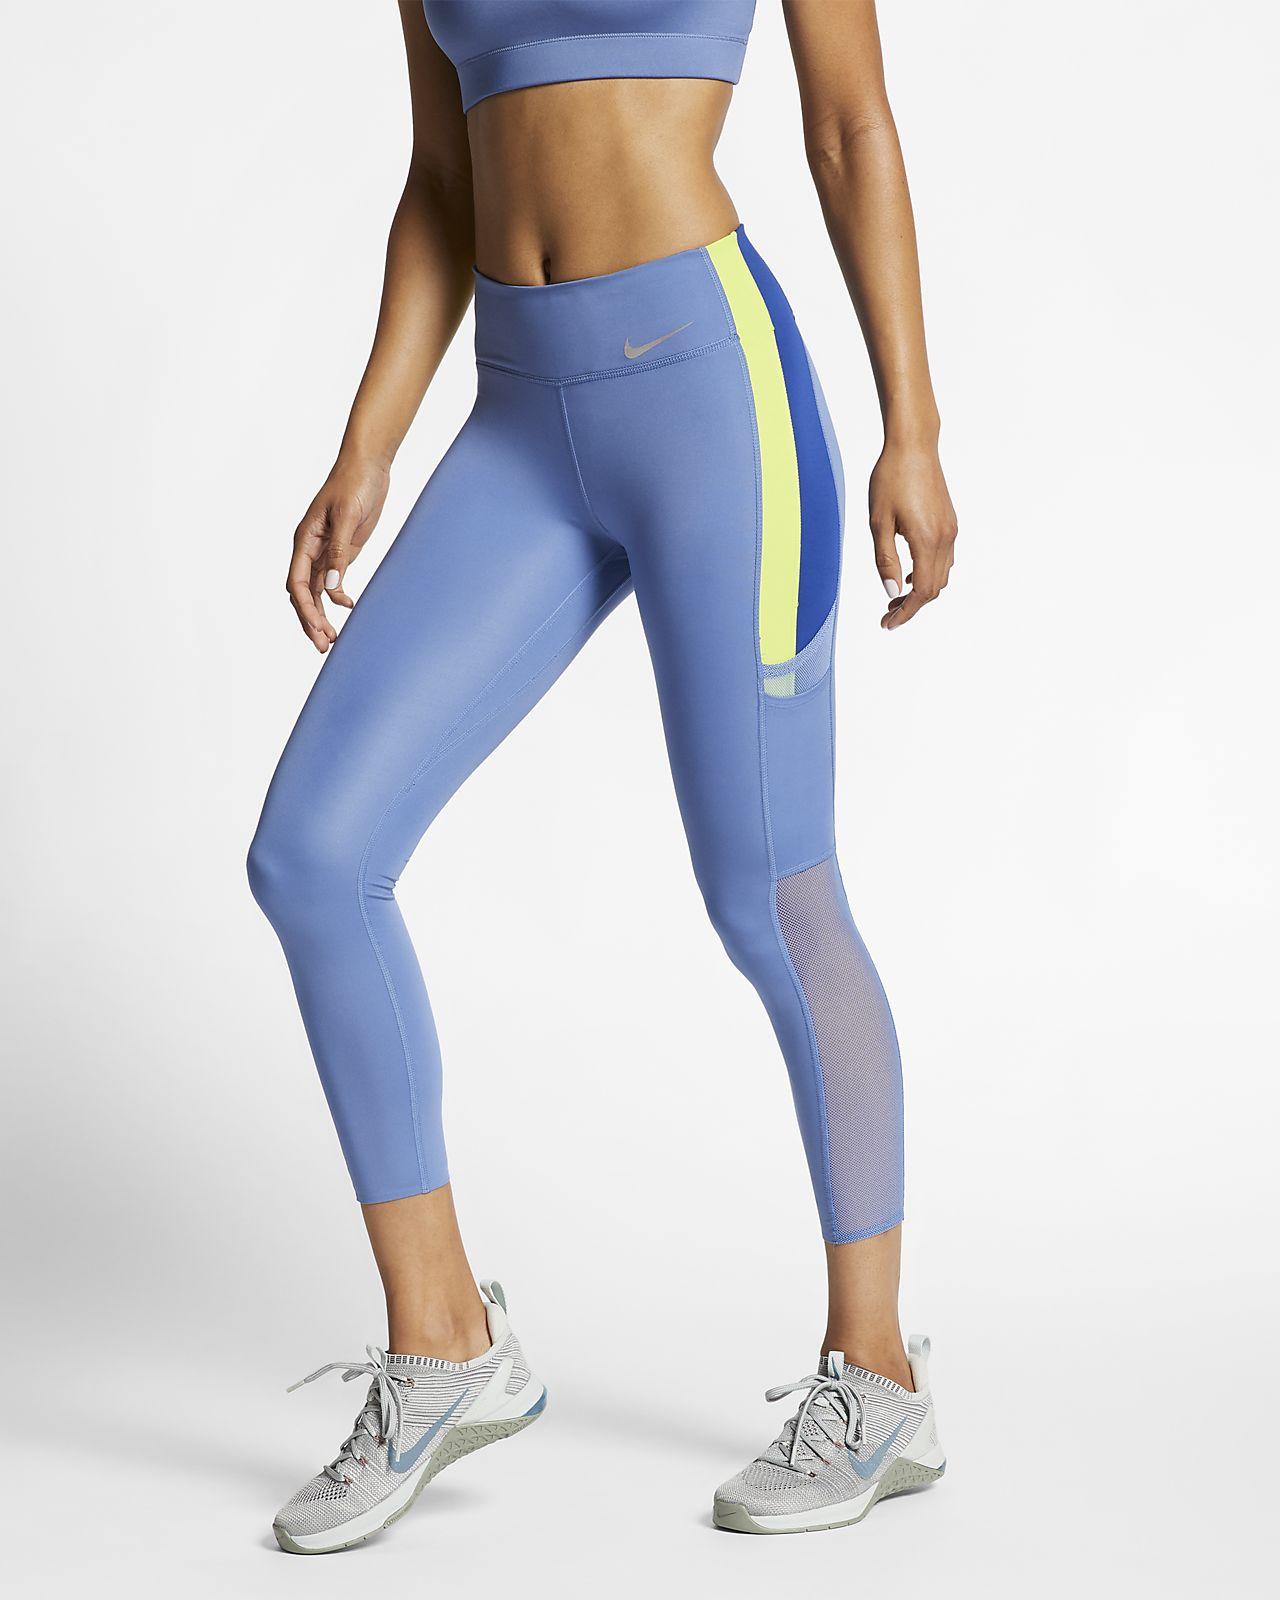 Nike One Luxe Mallas de 7/8 - Mujer